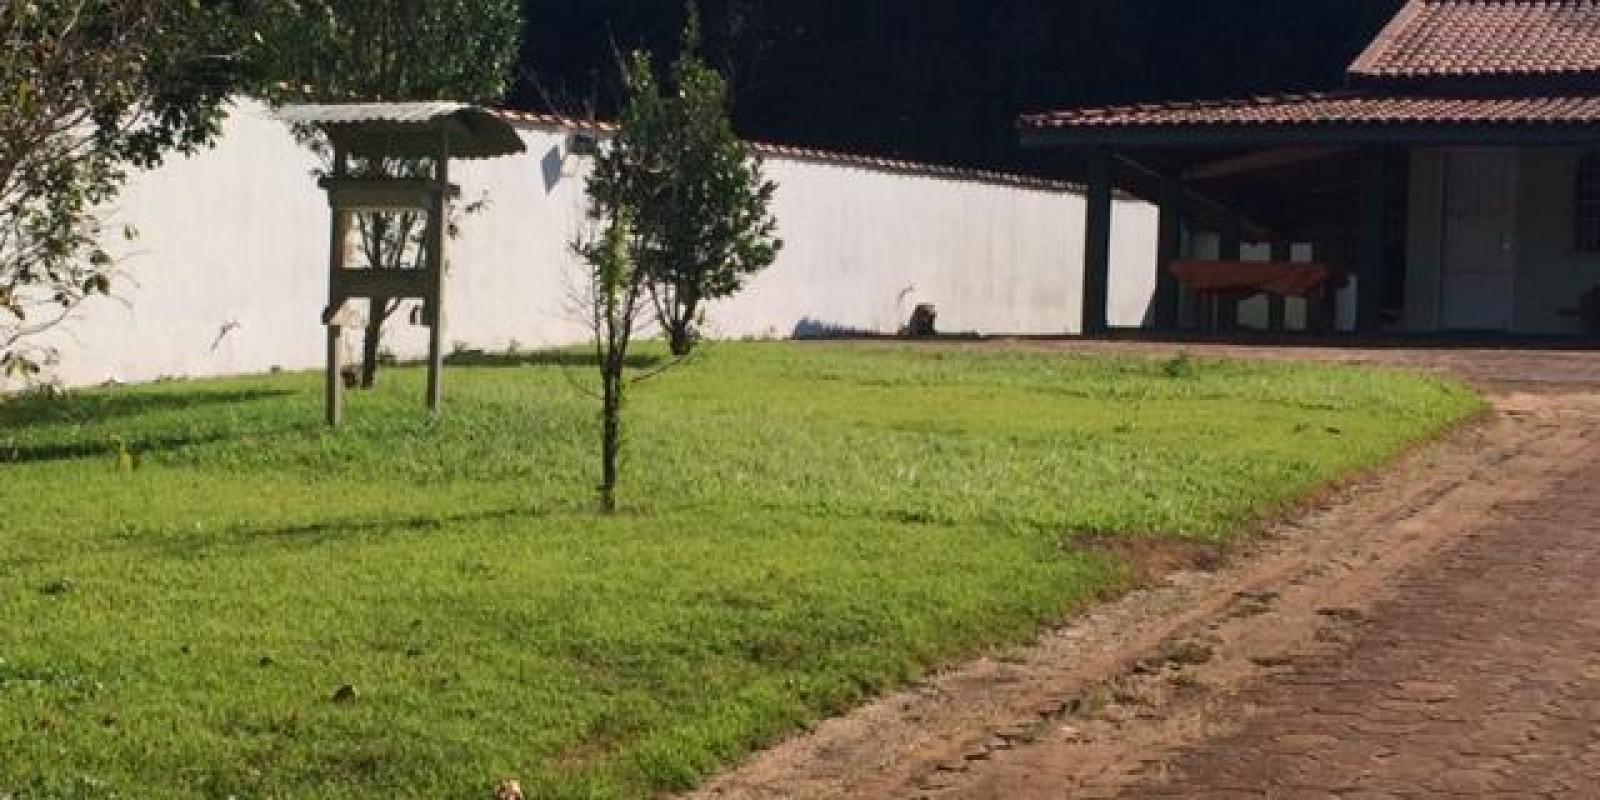 Casa MOBILIADA na Represa no Portal do Catavento em Arandu SP - Foto 16 de 26